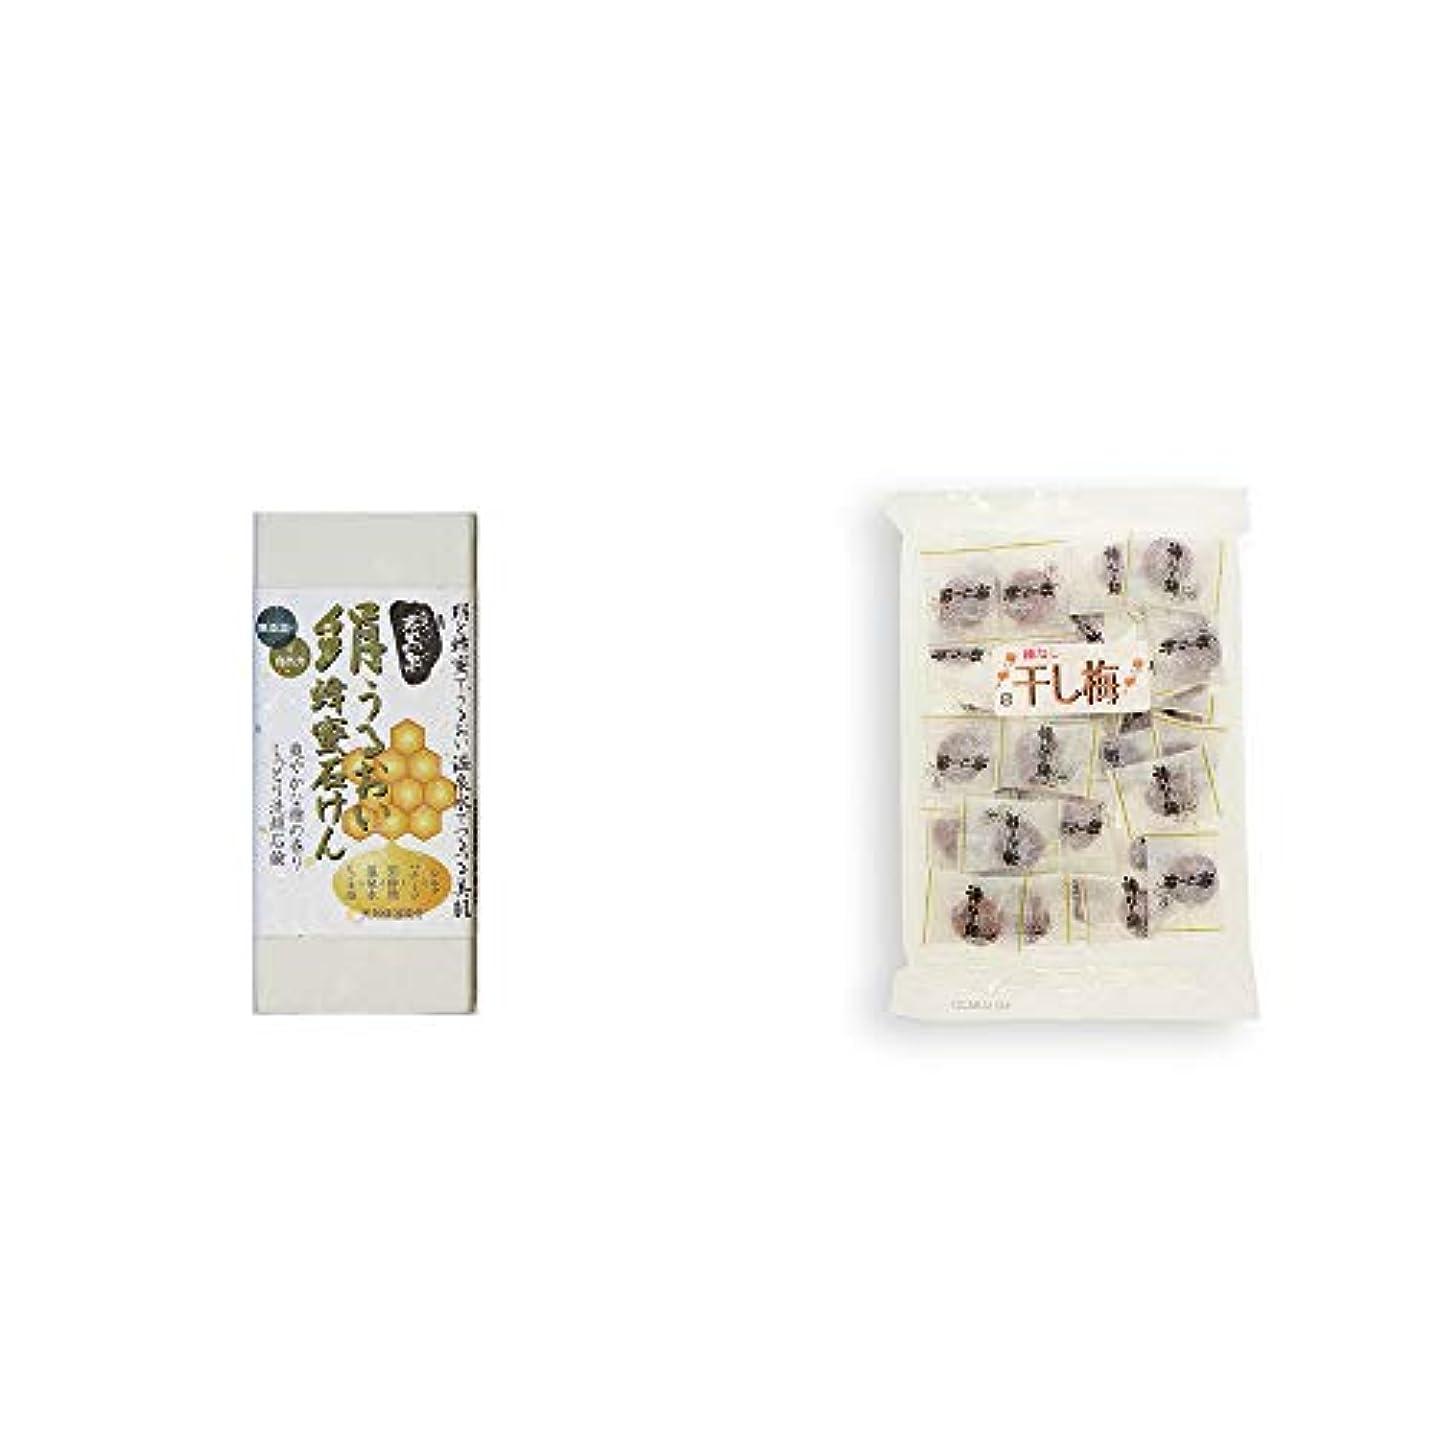 ファン調整するコミュニケーション[2点セット] ひのき炭黒泉 絹うるおい蜂蜜石けん(75g×2)?種なし干し梅(160g)[個包装]